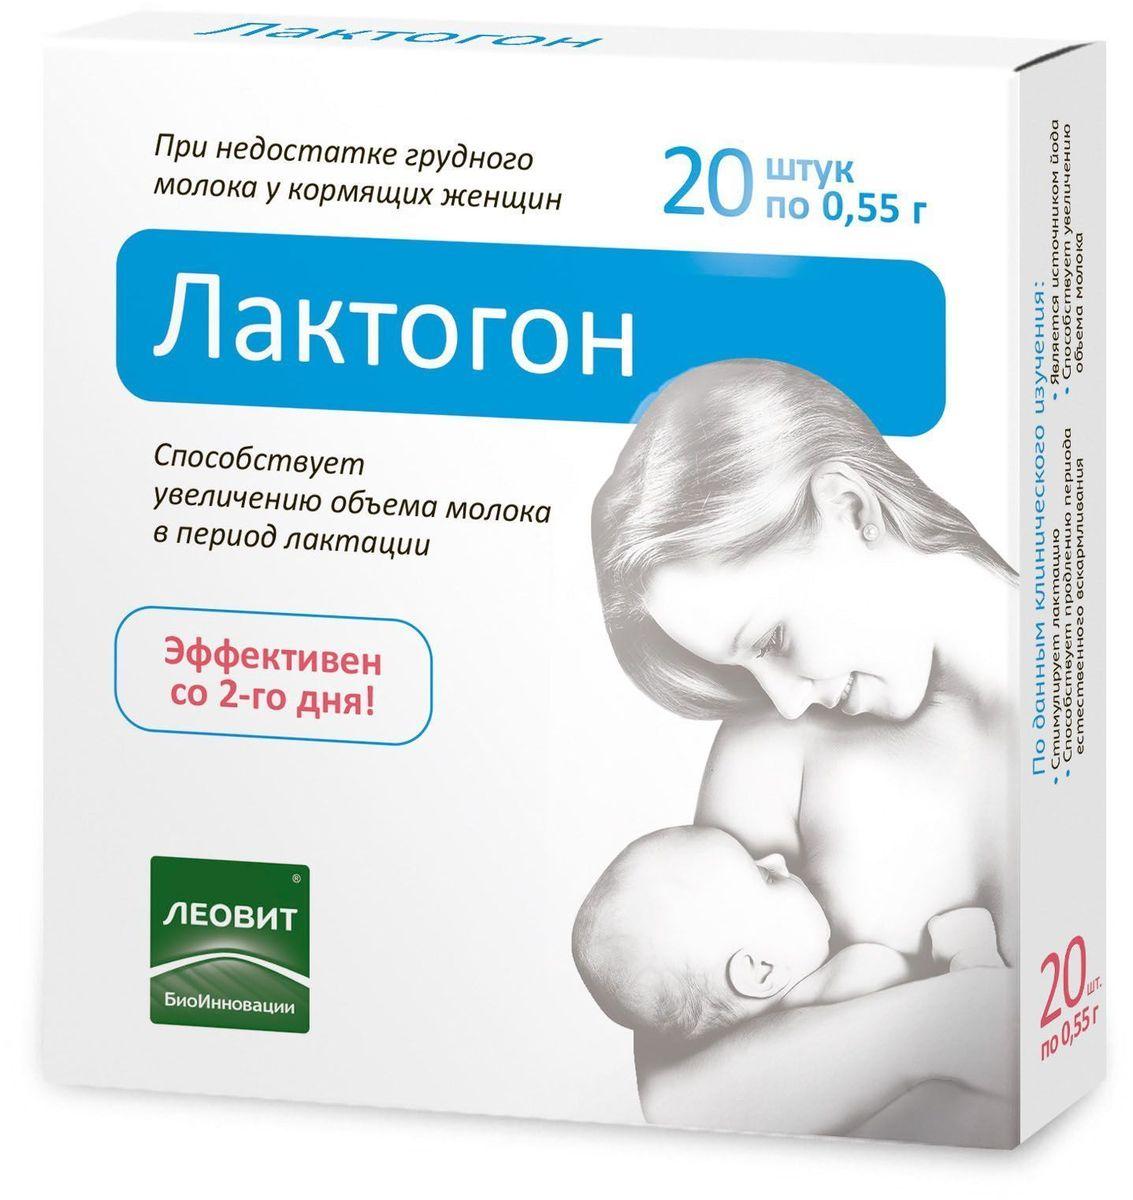 БиоИнновации Лактогон БАД к пище 20 таблеток, 11 г141310Способствует увеличению объема молока при недостаточной лактации у кормящих женщин. Источник йода. Эффективен со 2 дня!